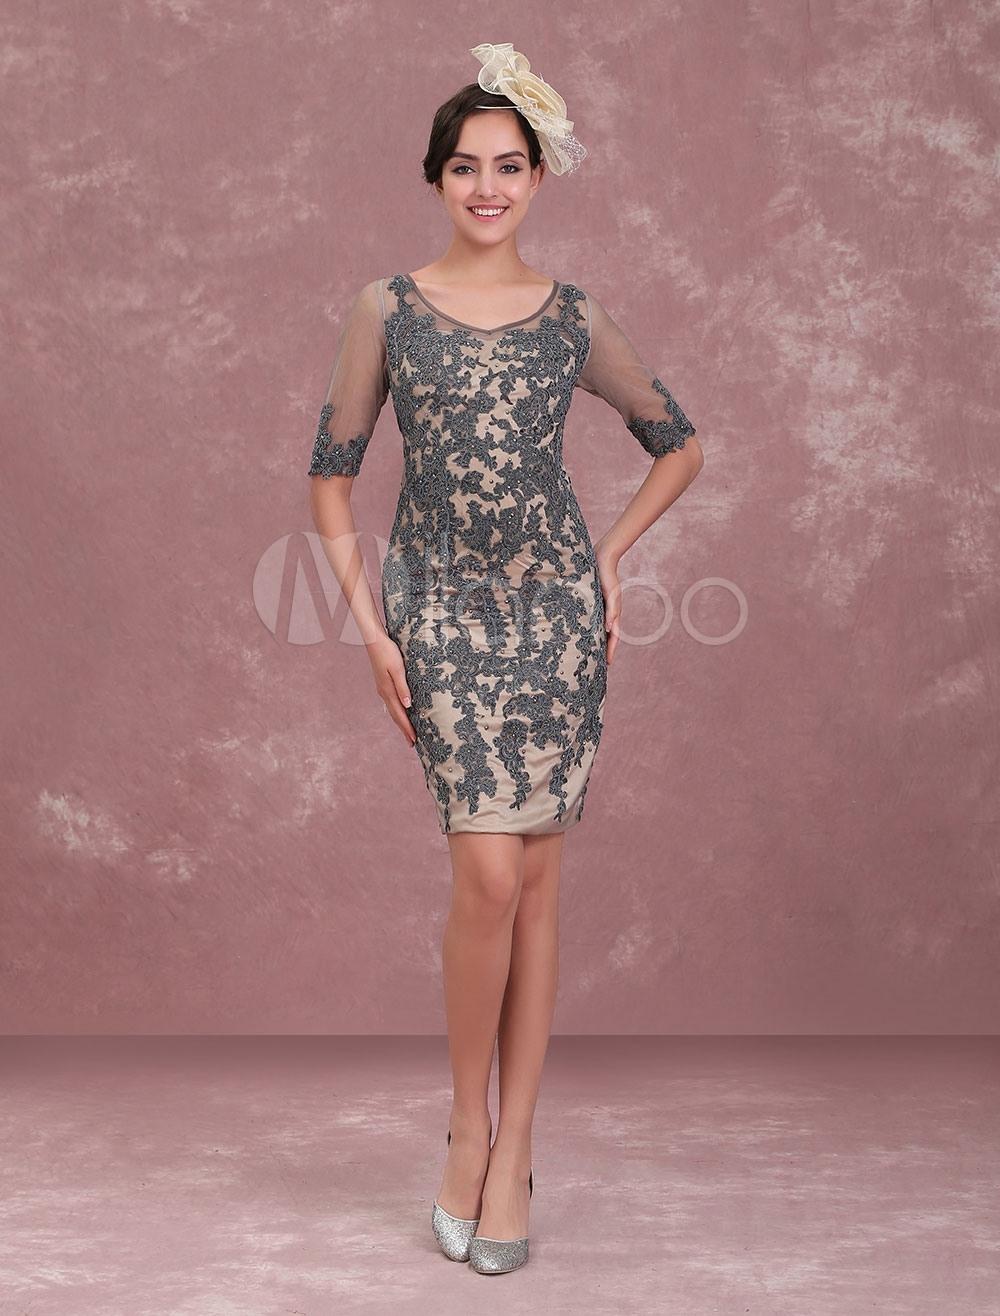 10 Fantastisch Zweiteiliges Kleid Kurz Galerie Fantastisch Zweiteiliges Kleid Kurz Boutique